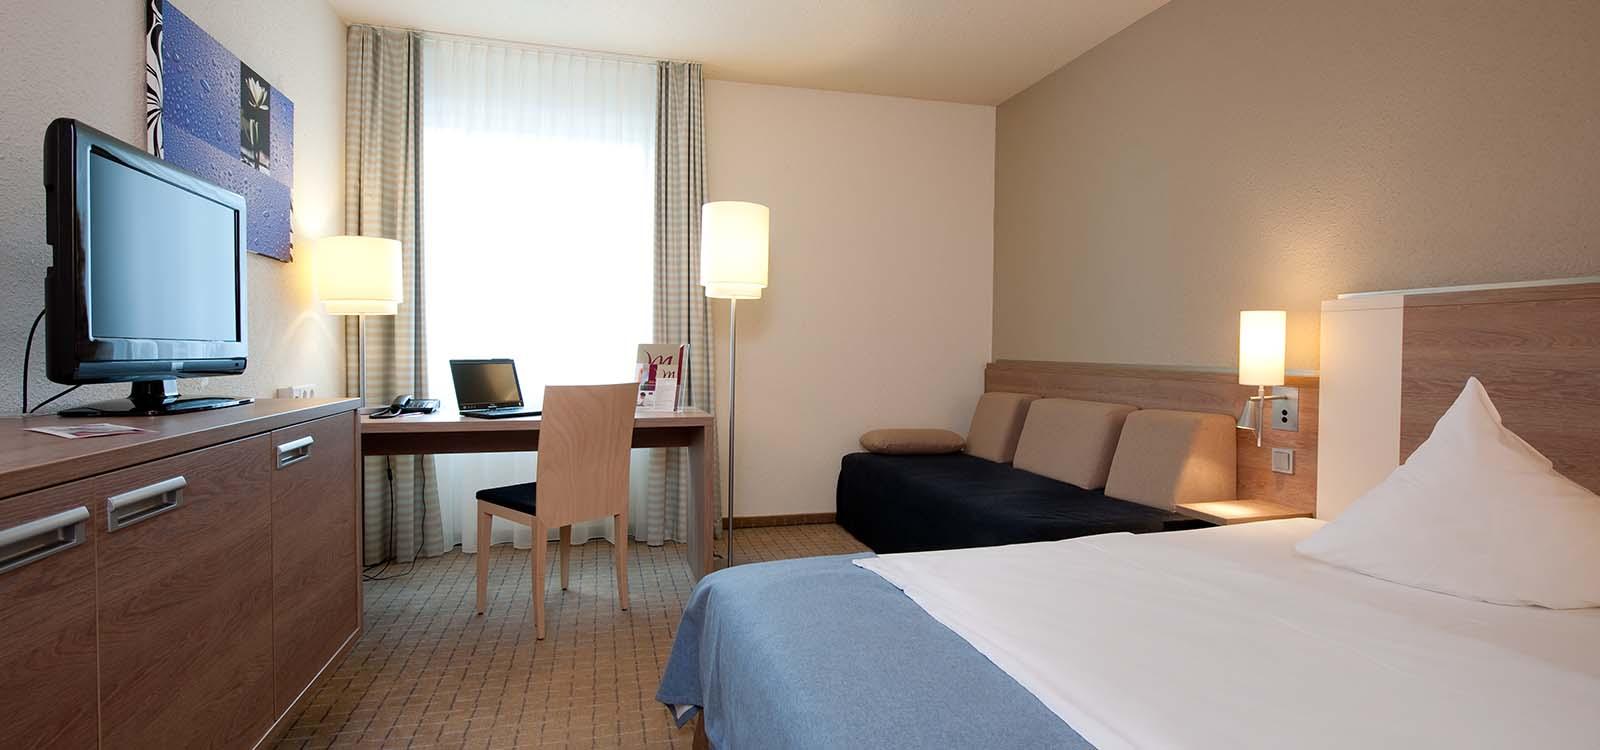 Mercure hotel aachen europaplatz event hotels intl for Designhotel aachen